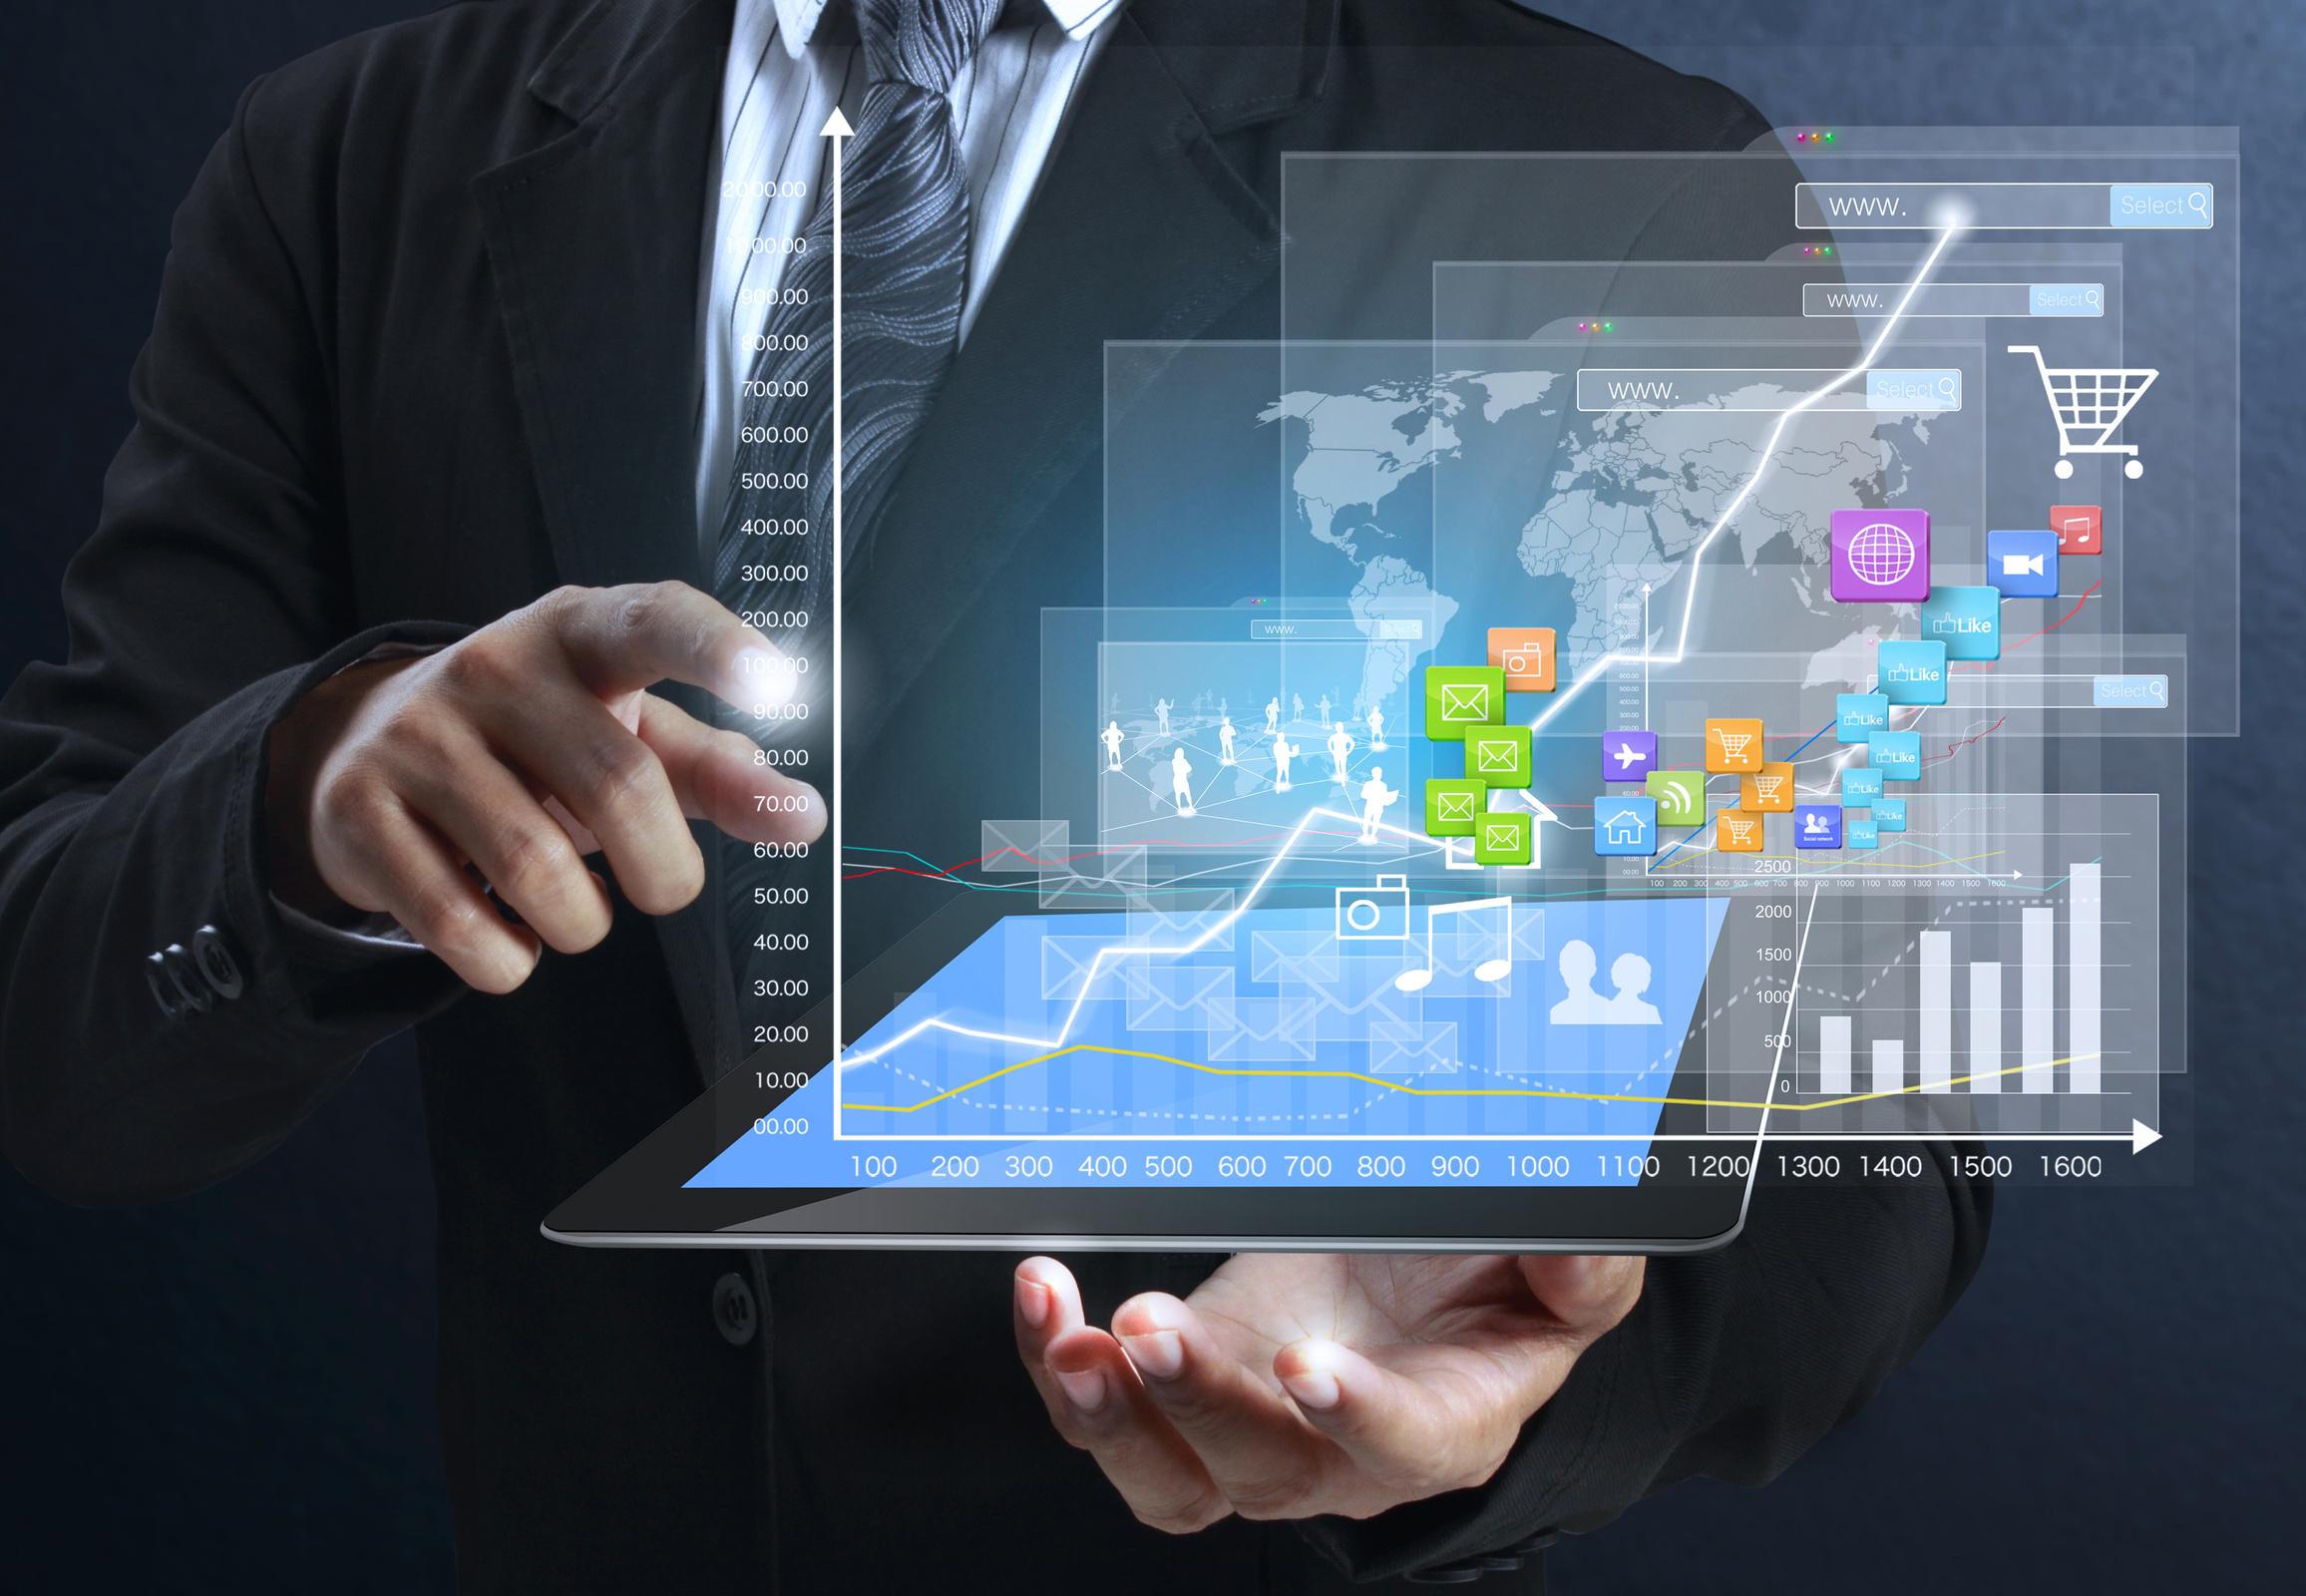 Сегодня обсудим интернет и развитие рекламного бизнеса